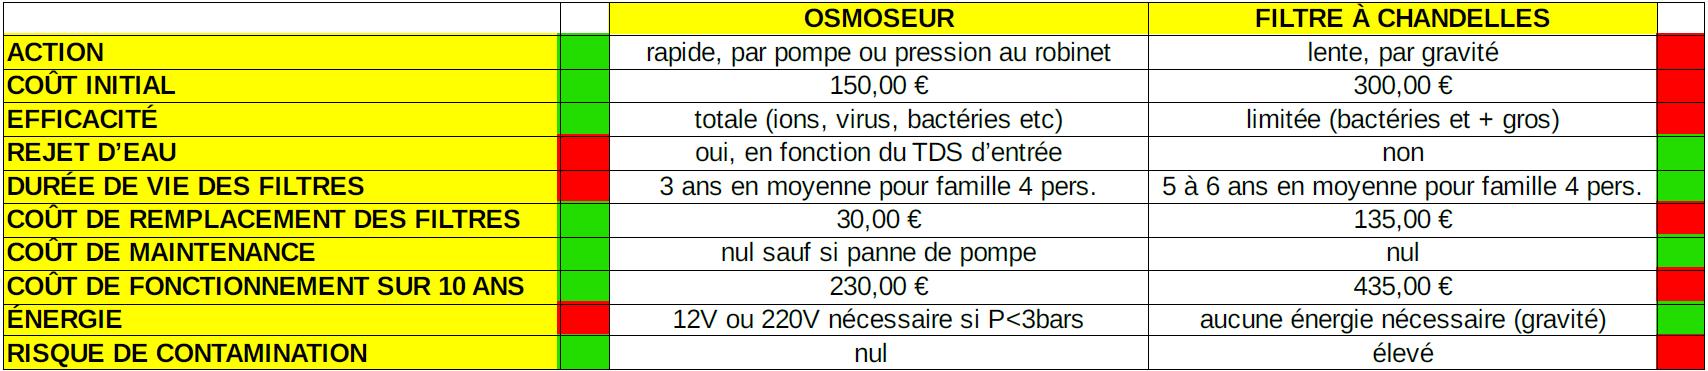 Conclusions Osmoseur vs Filtre à chandelles